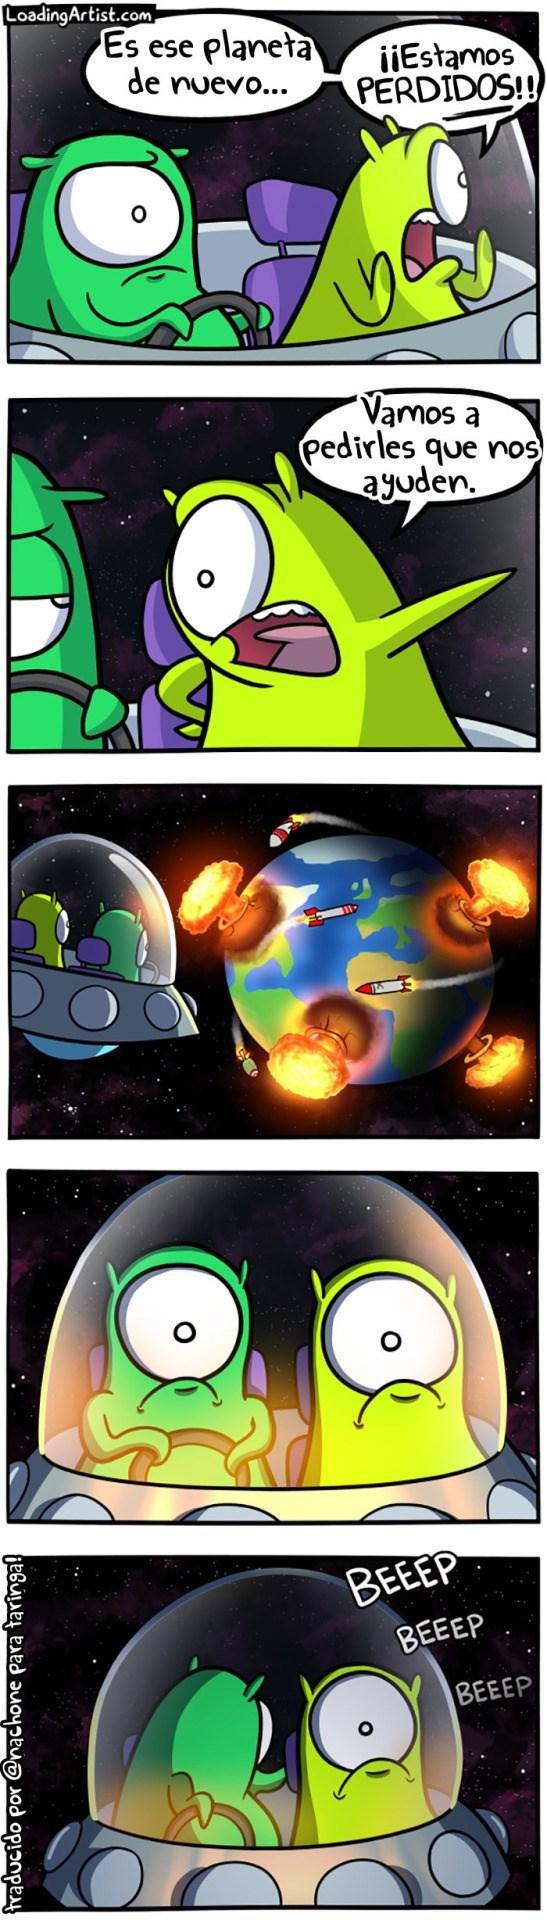 una pareja de marcianos quiere visitar la tierra